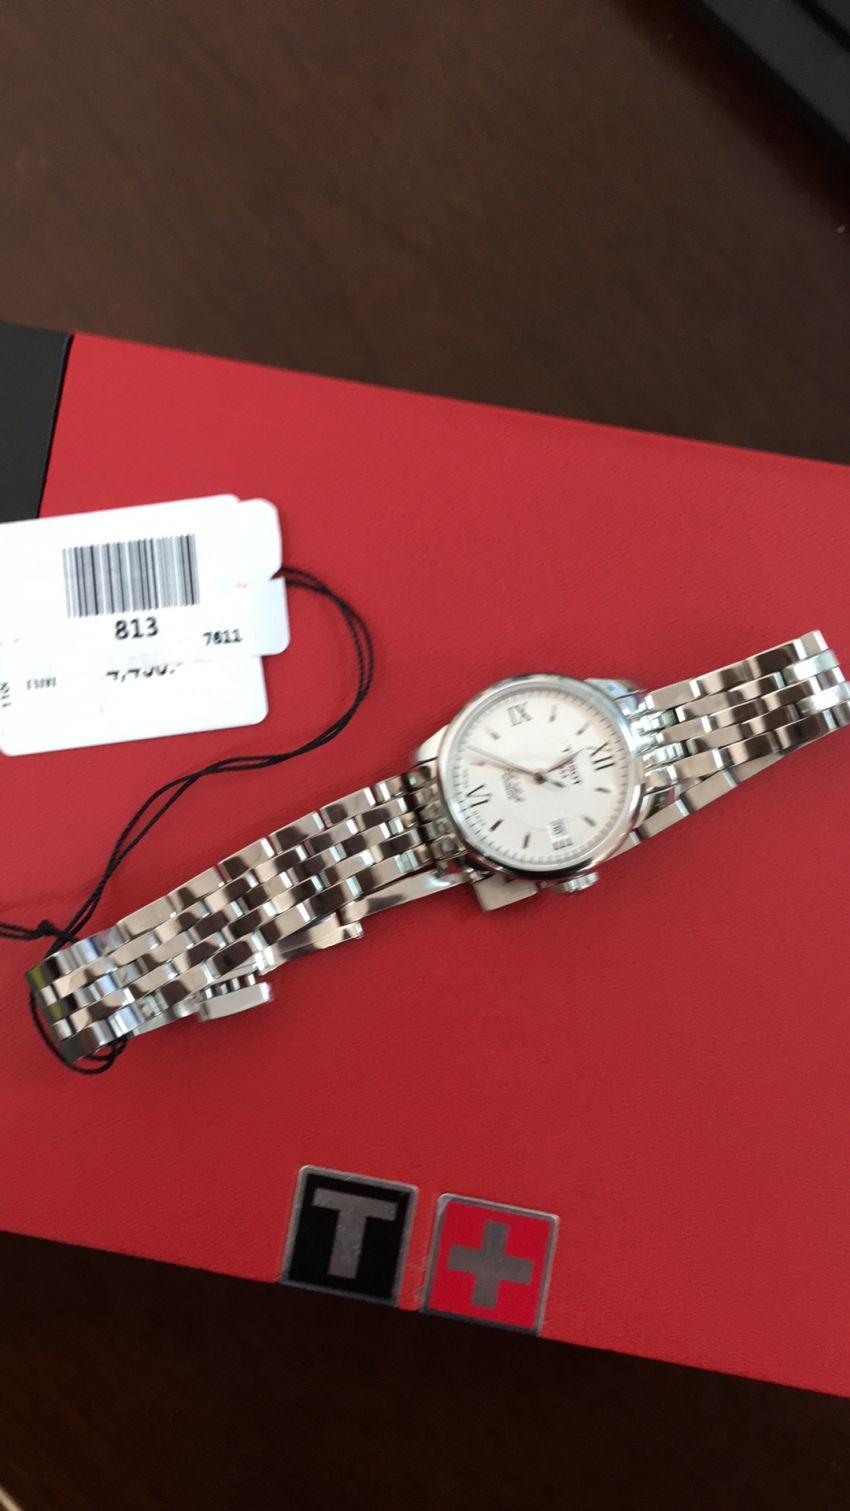 天梭T41.1.183.33手表【表友晒单作业】收到手表很...